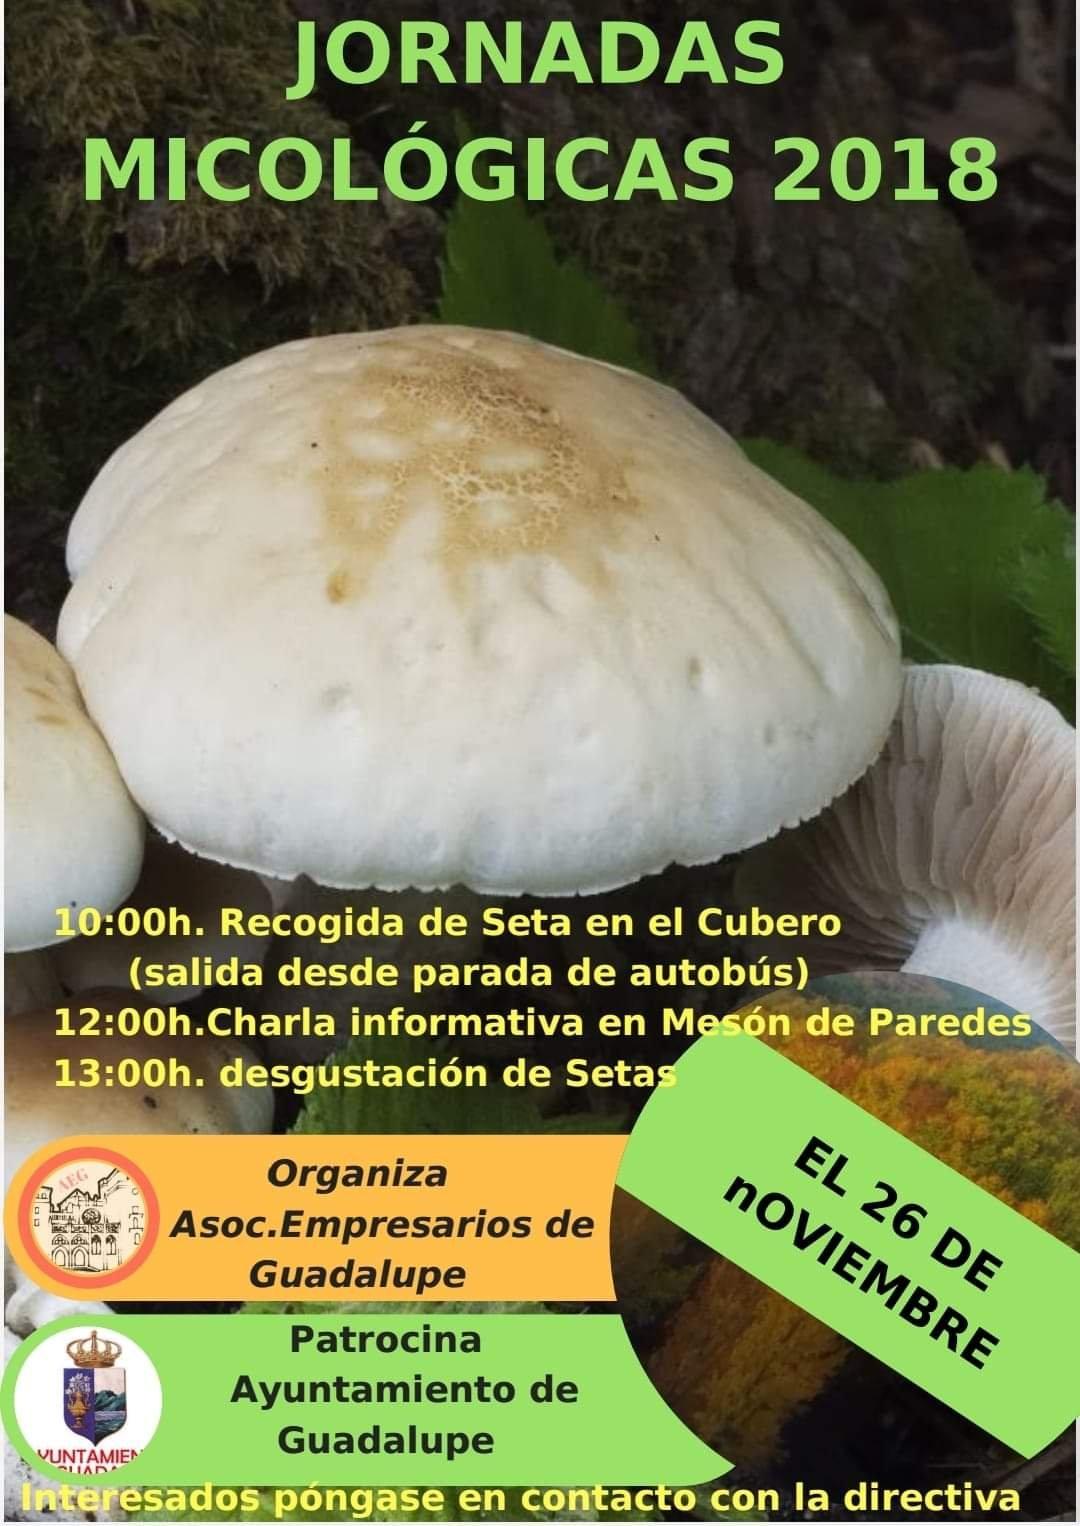 Jornadas micológicas 2018 - Guadalupe (Cáceres)